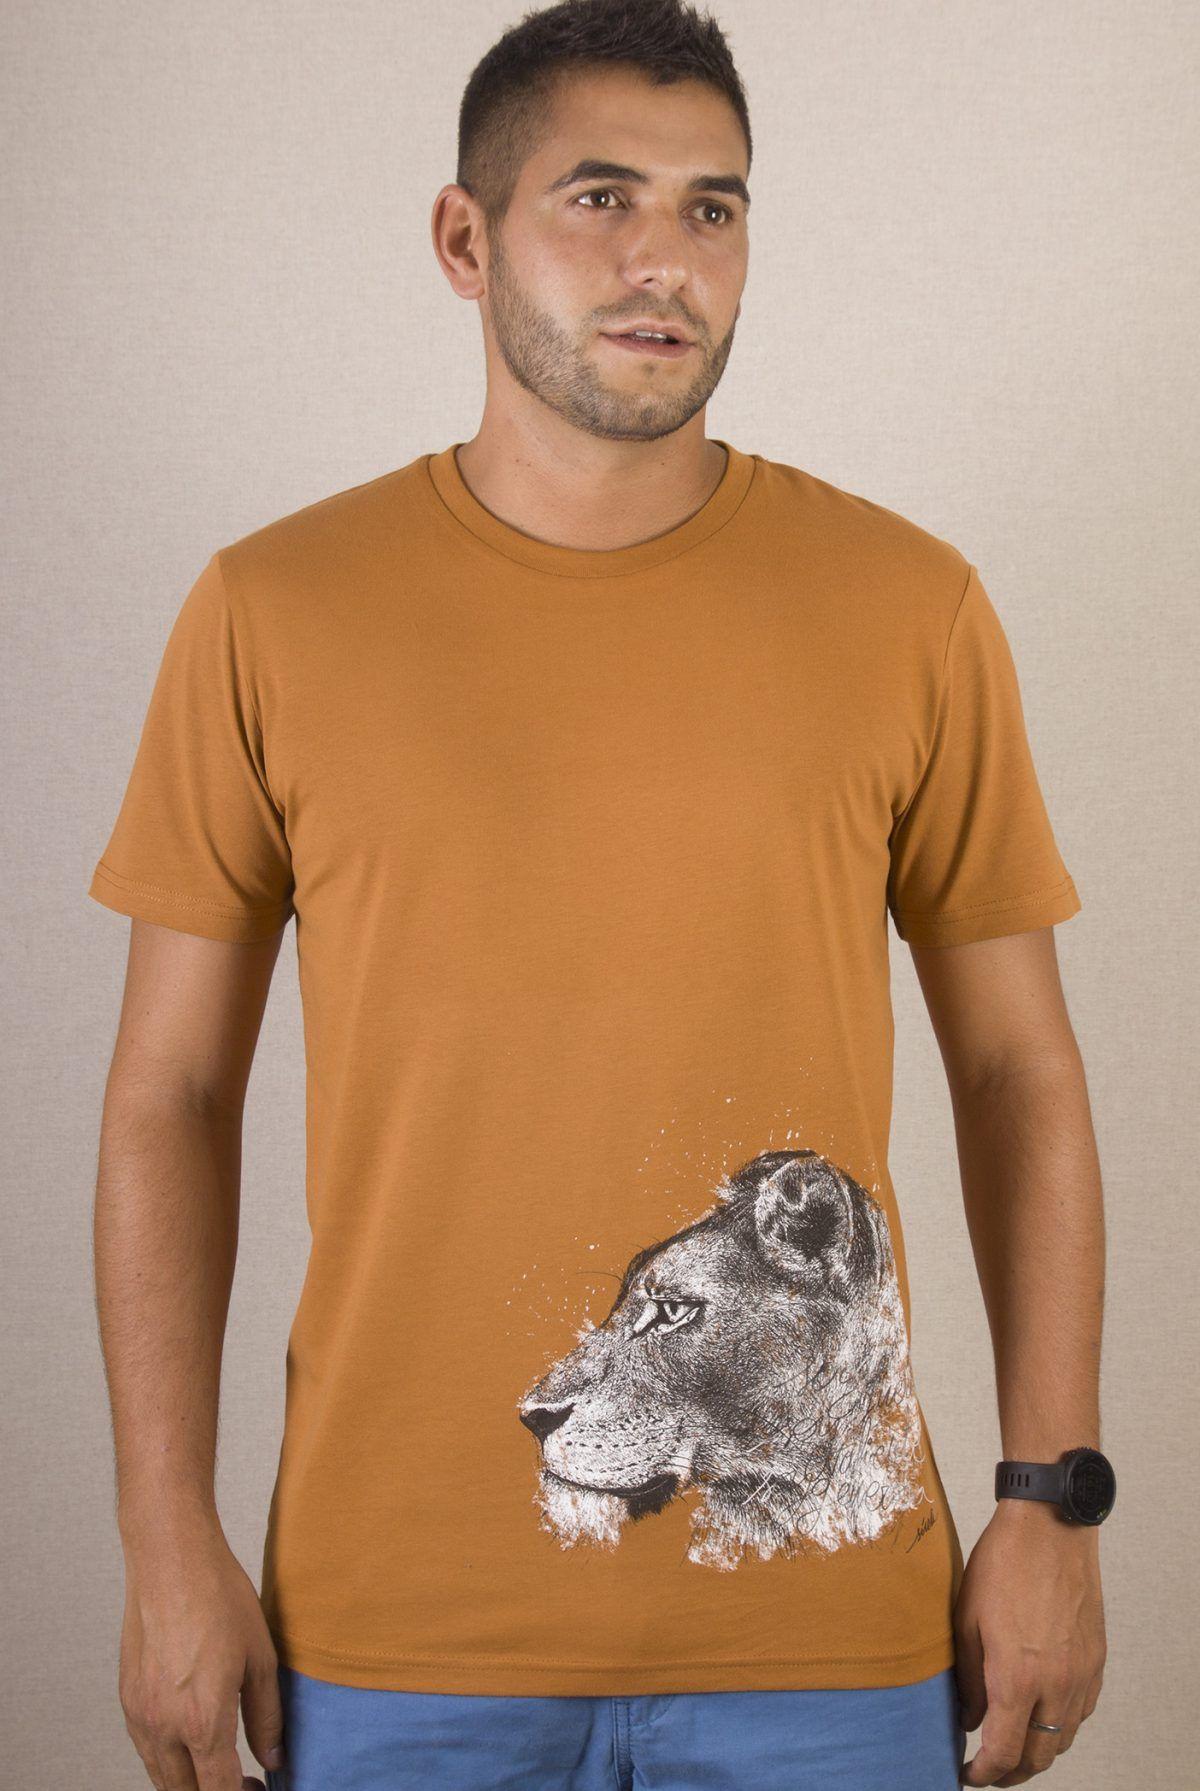 Camiseta hombre Leona-sirem wild